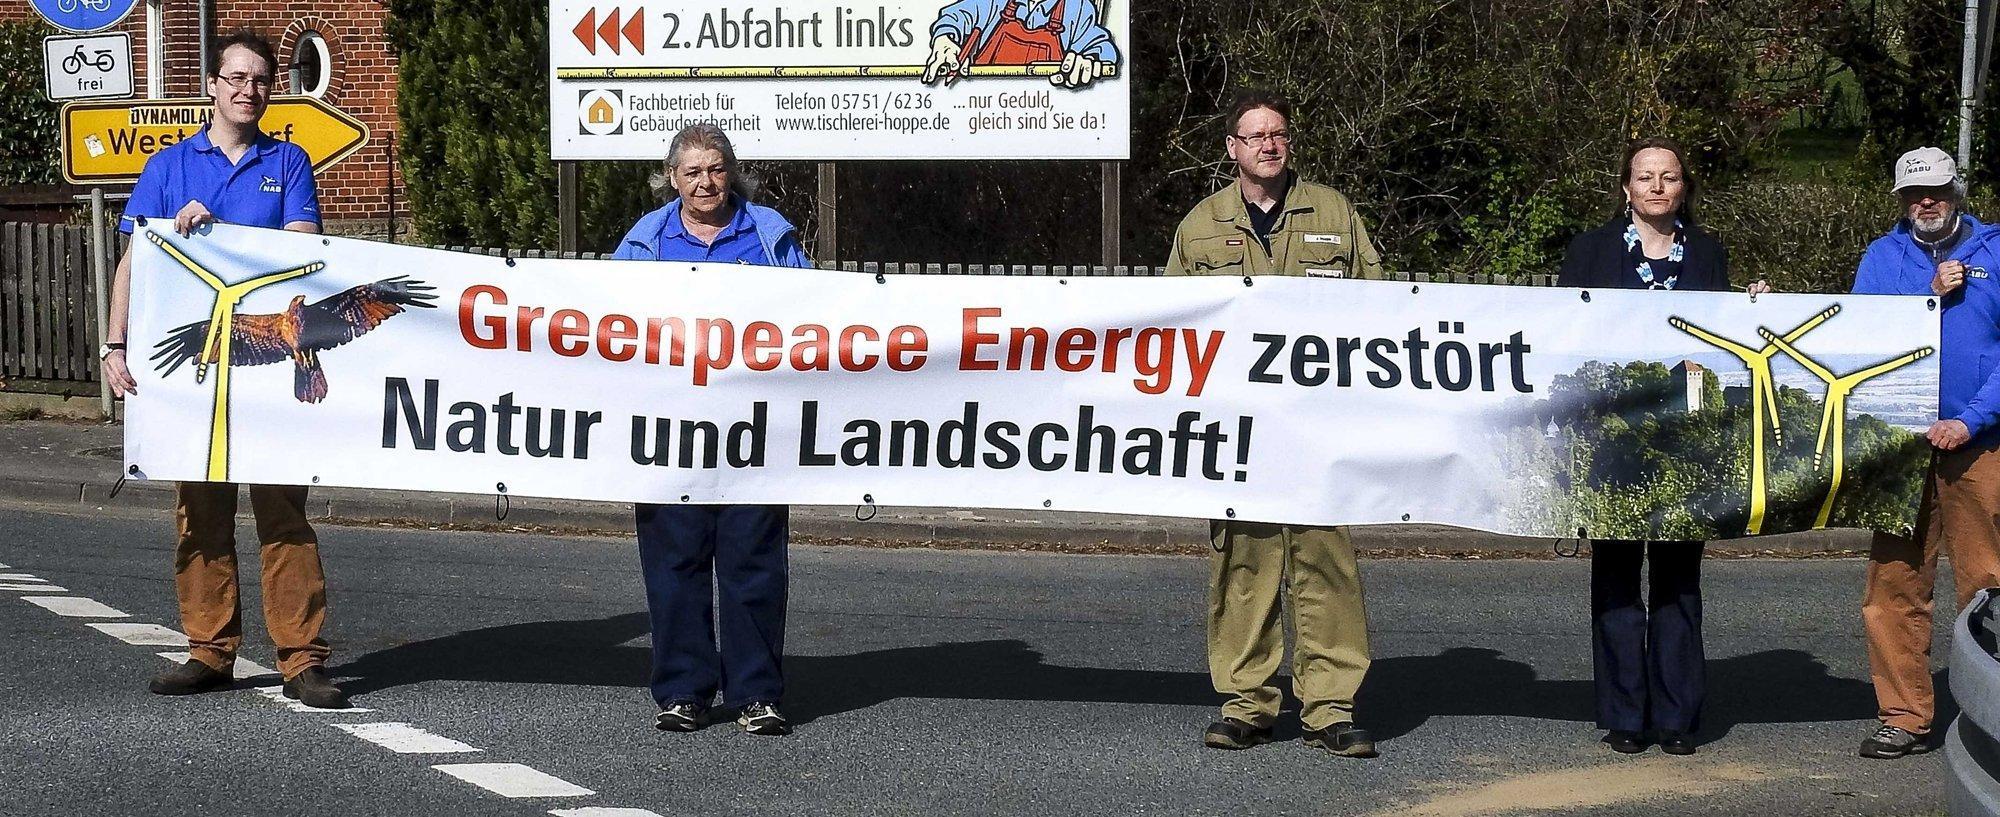 Naturschützer protestieren gegen Greenpeace energy – Früher waren Protestbanner eine Domäne von Greenpeace.